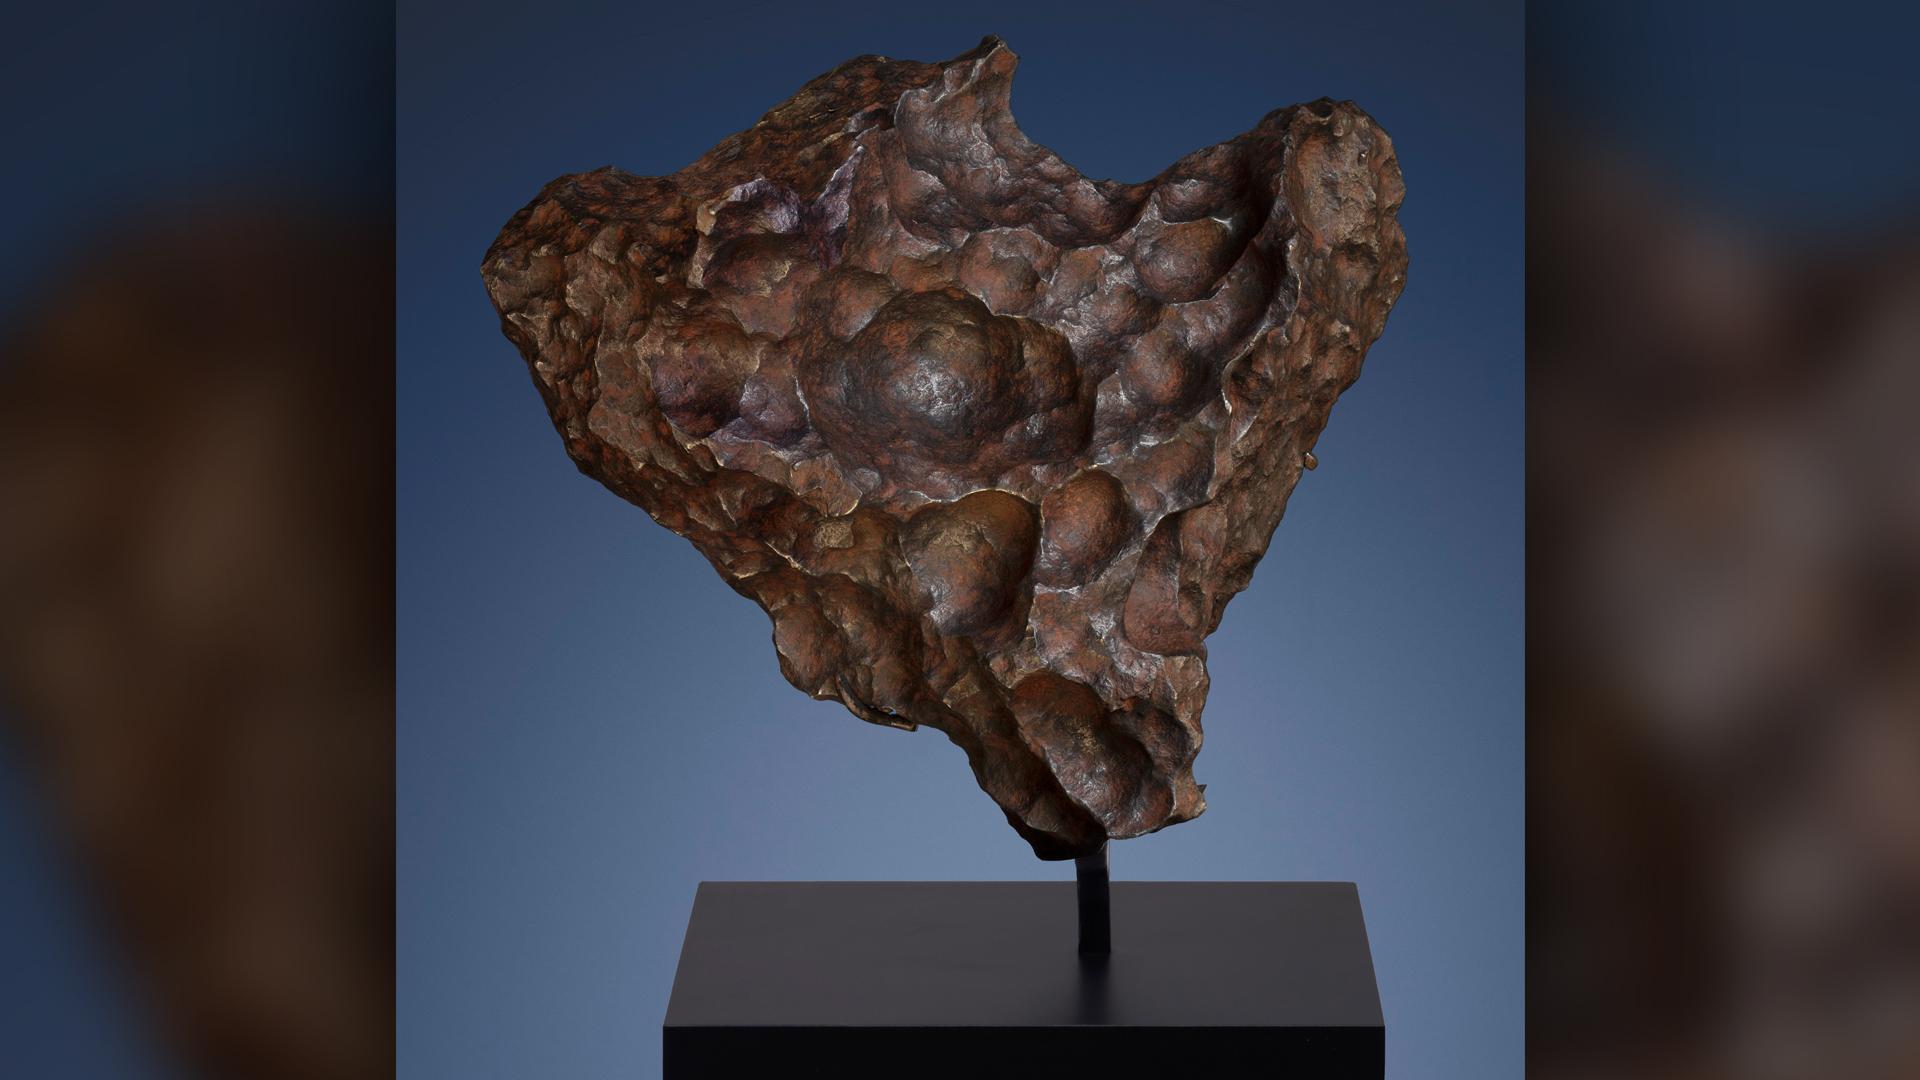 Un morceau de la météorite Gibeon, qui est originaire du noyau de fer d'un astéroïde formé il y a 4,5 milliards d'années.